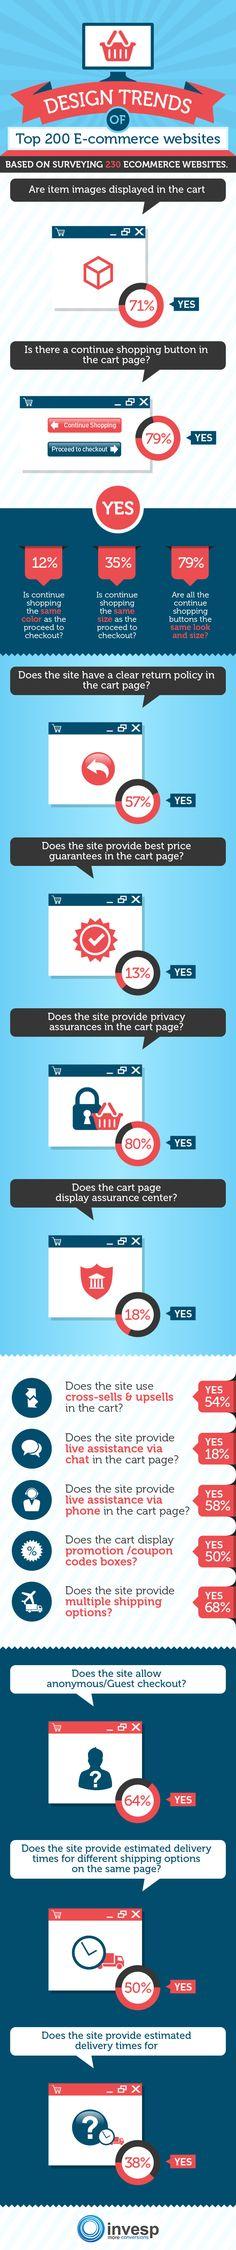 Tendencias de diseño web y usabilidad para sitios de comercio electrónico. #ecommerce